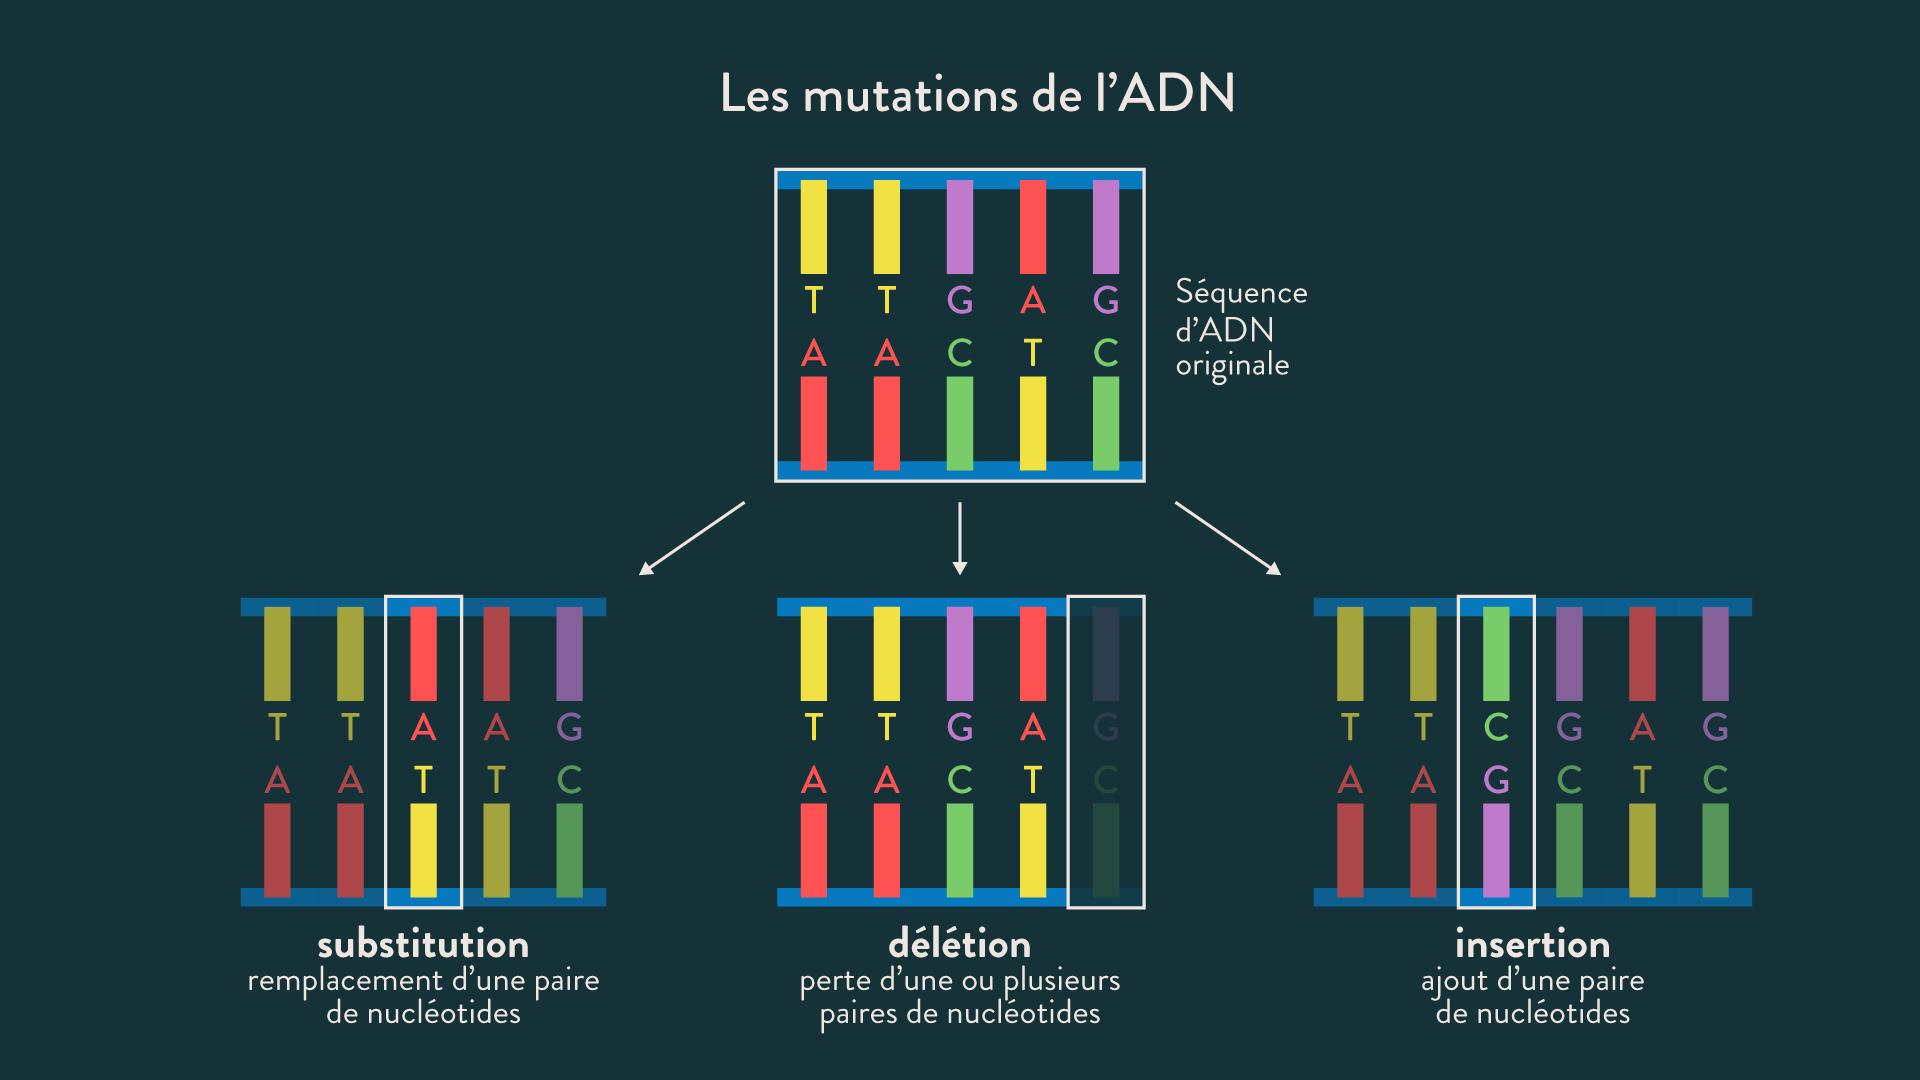 Les mutations de l'ADN